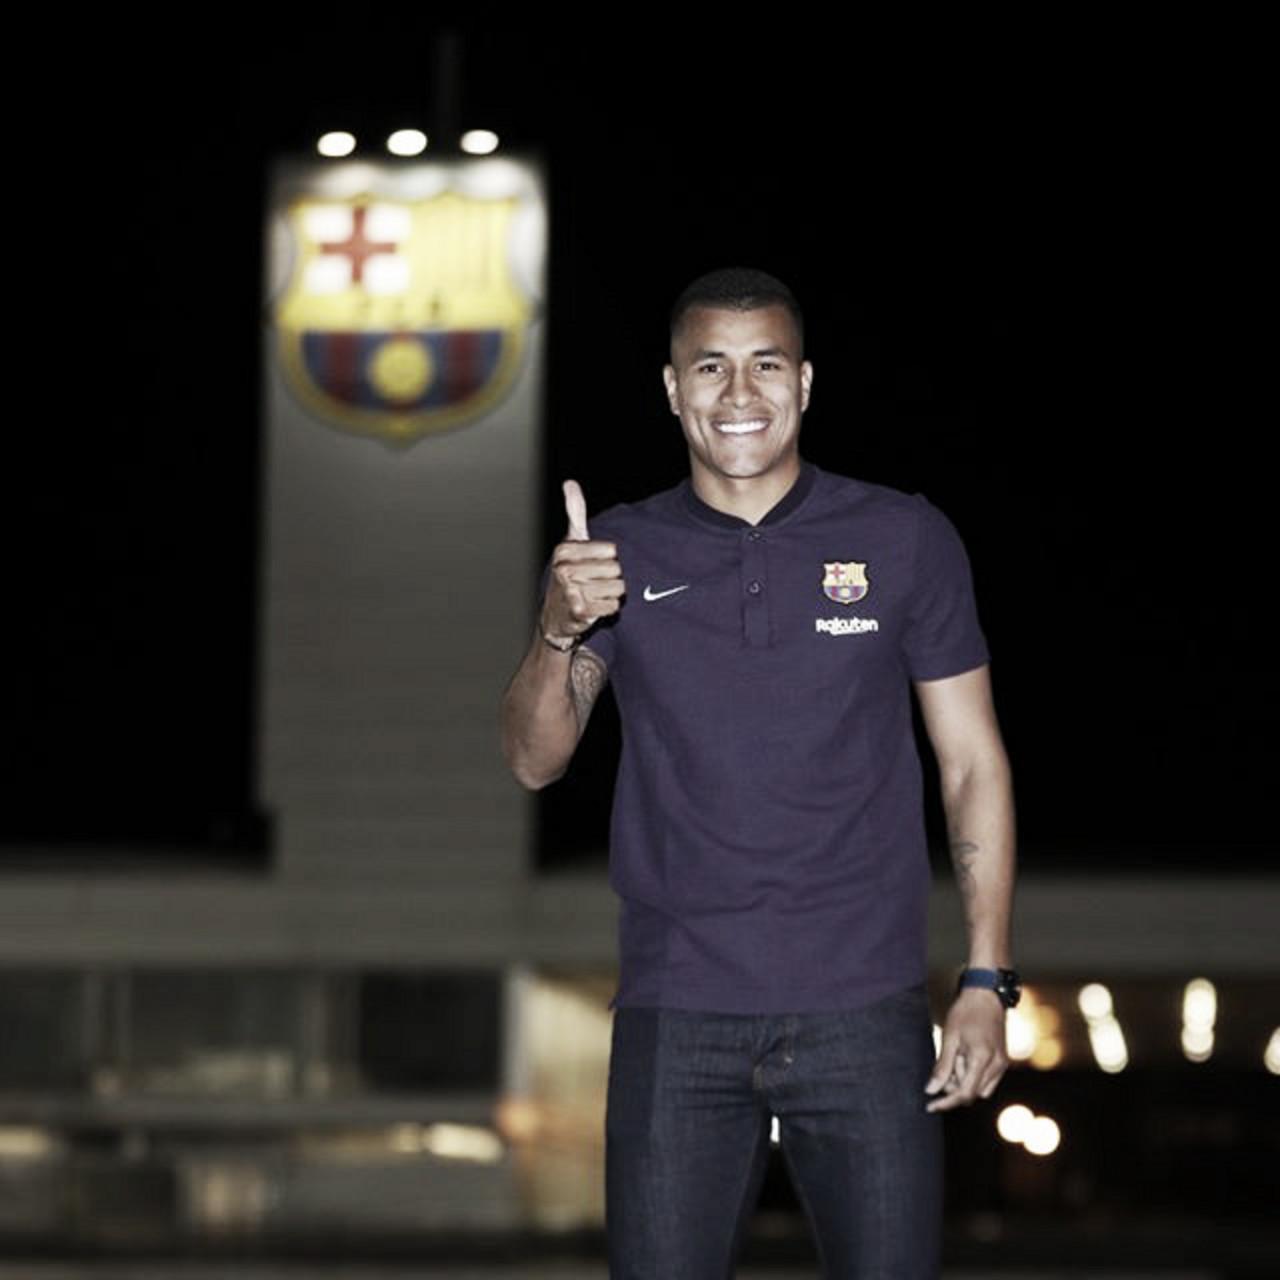 Barcelona confirma contratação do zagueiro Jeison Murillo, ex-Valencia